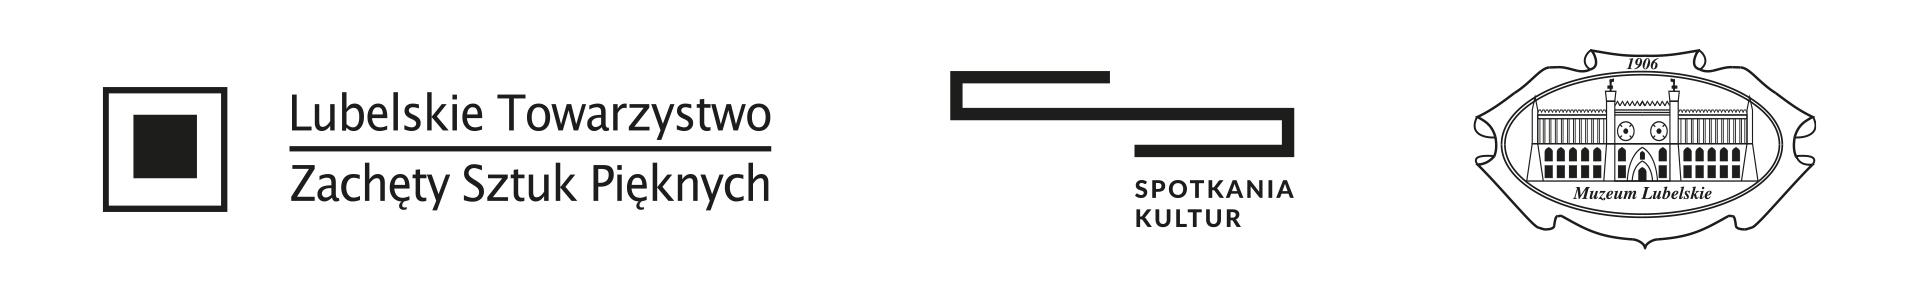 baner-3_1.jpg